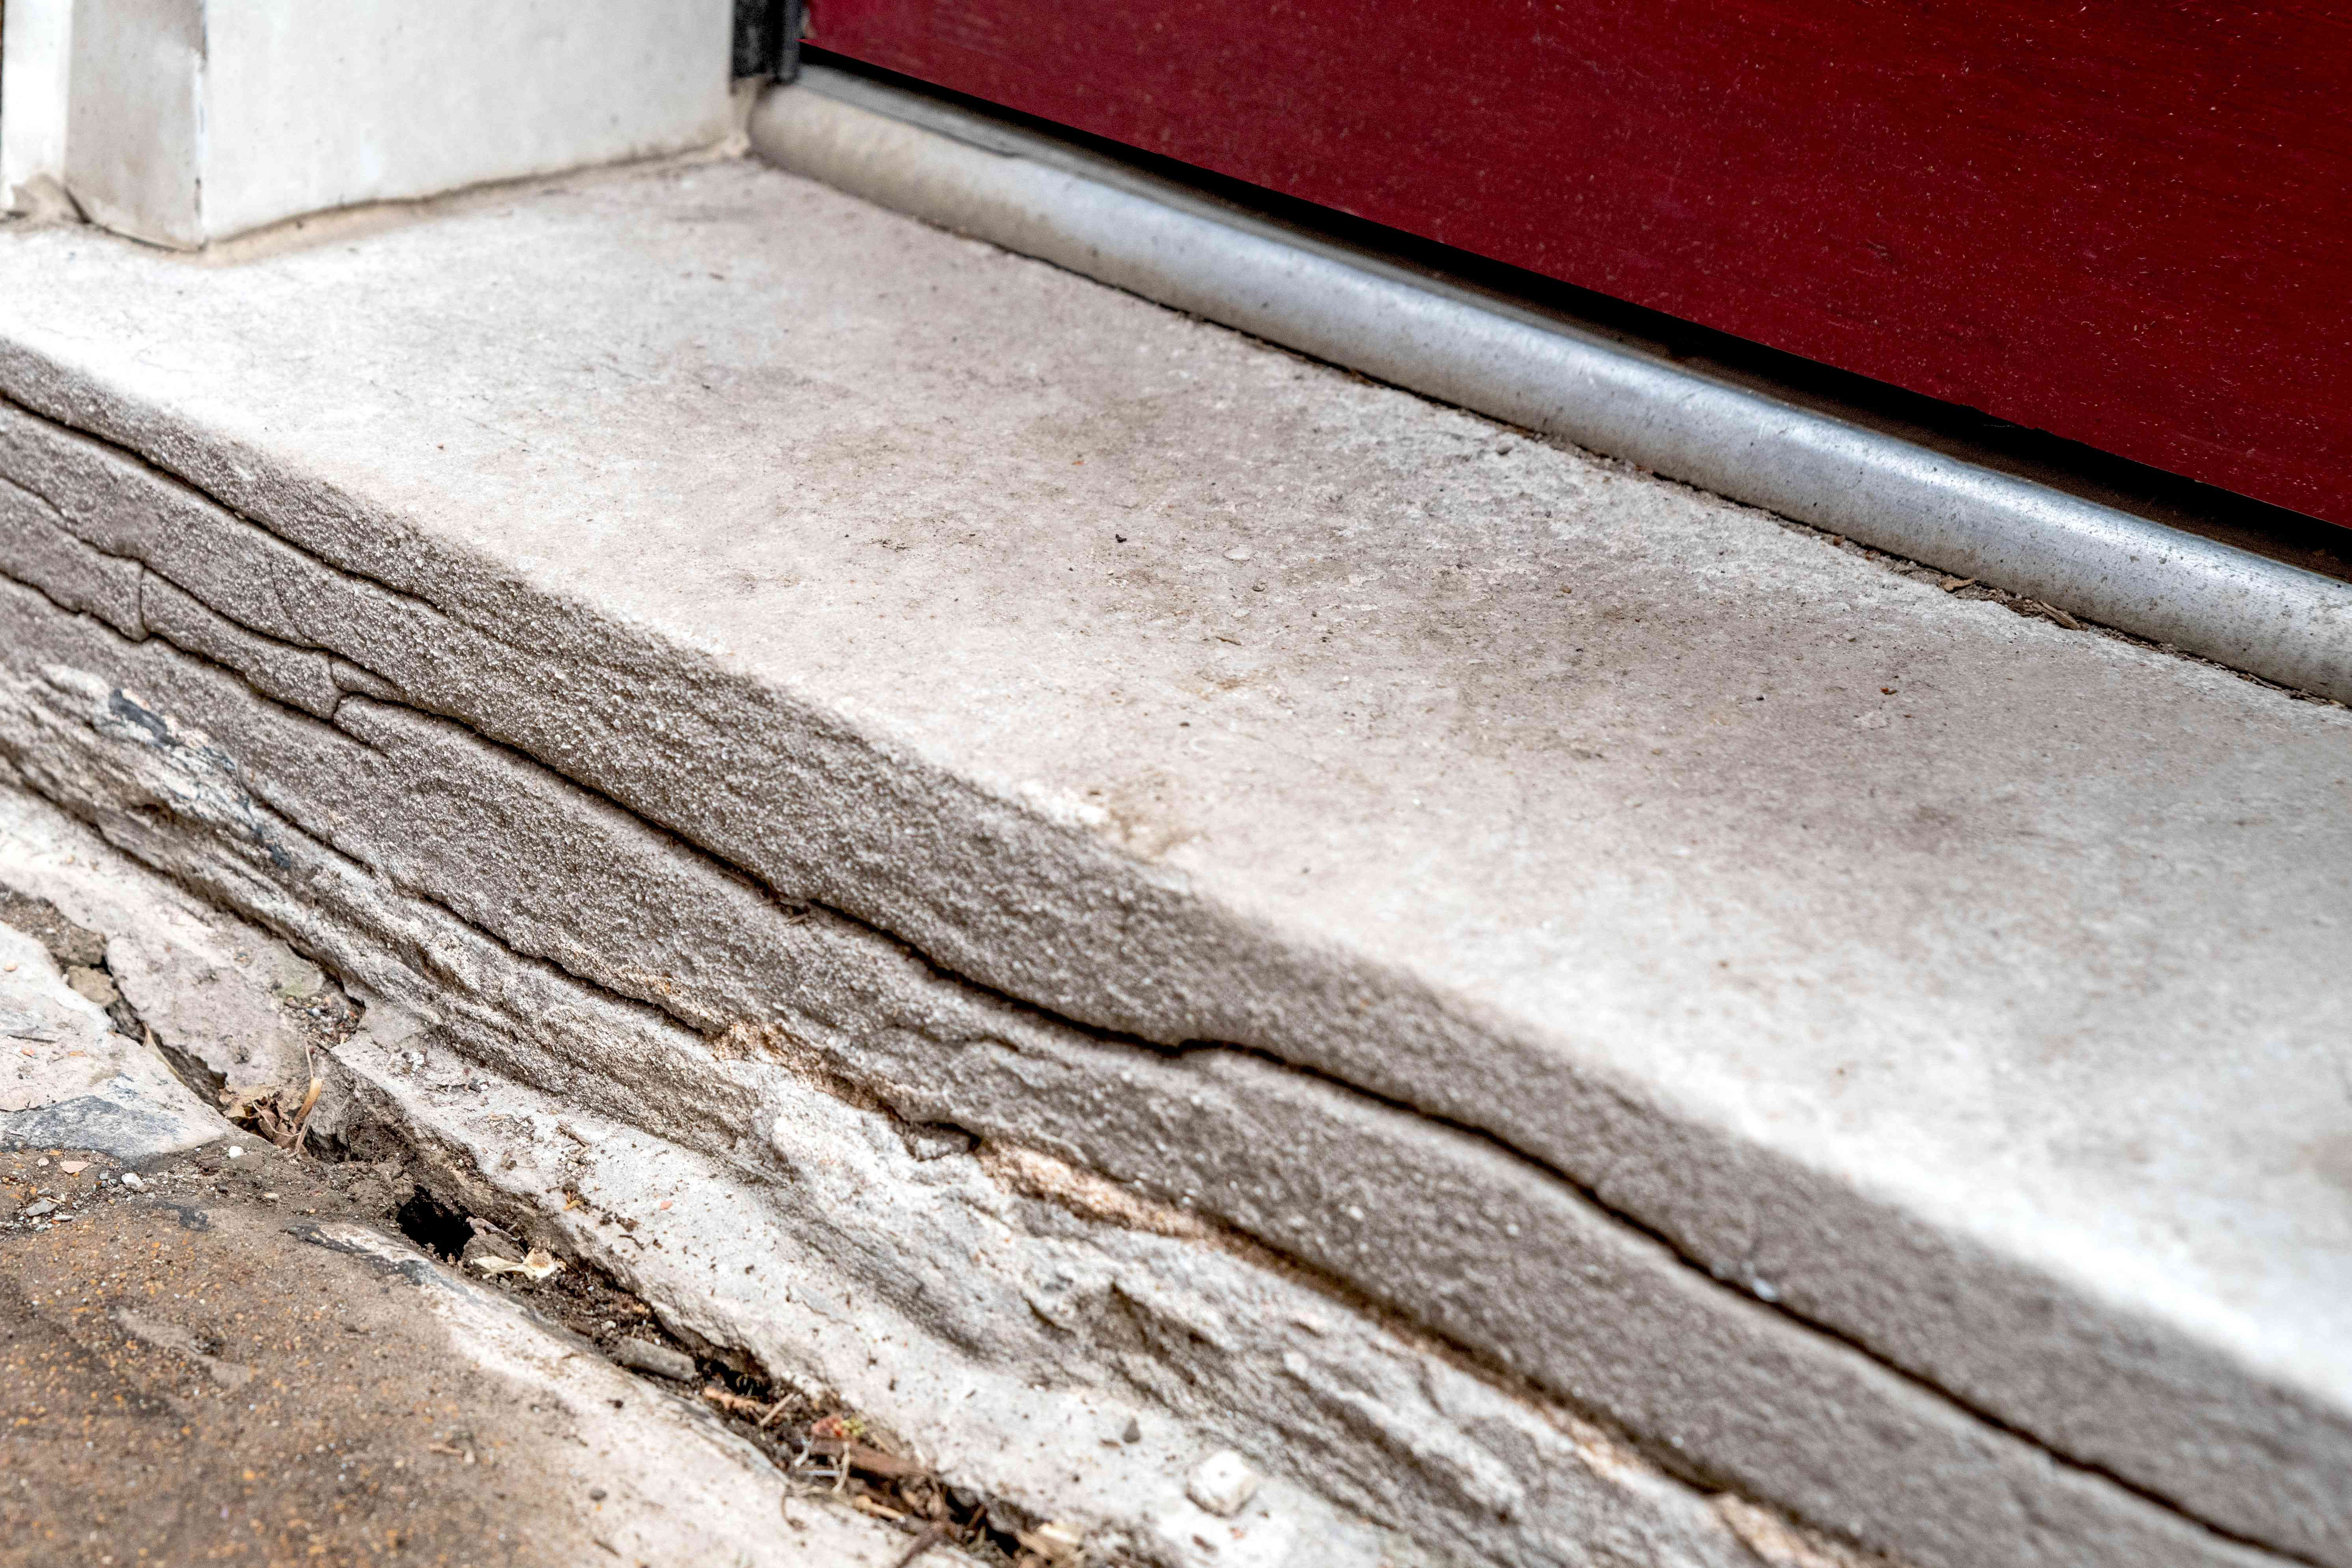 Doorway step with cracks in front